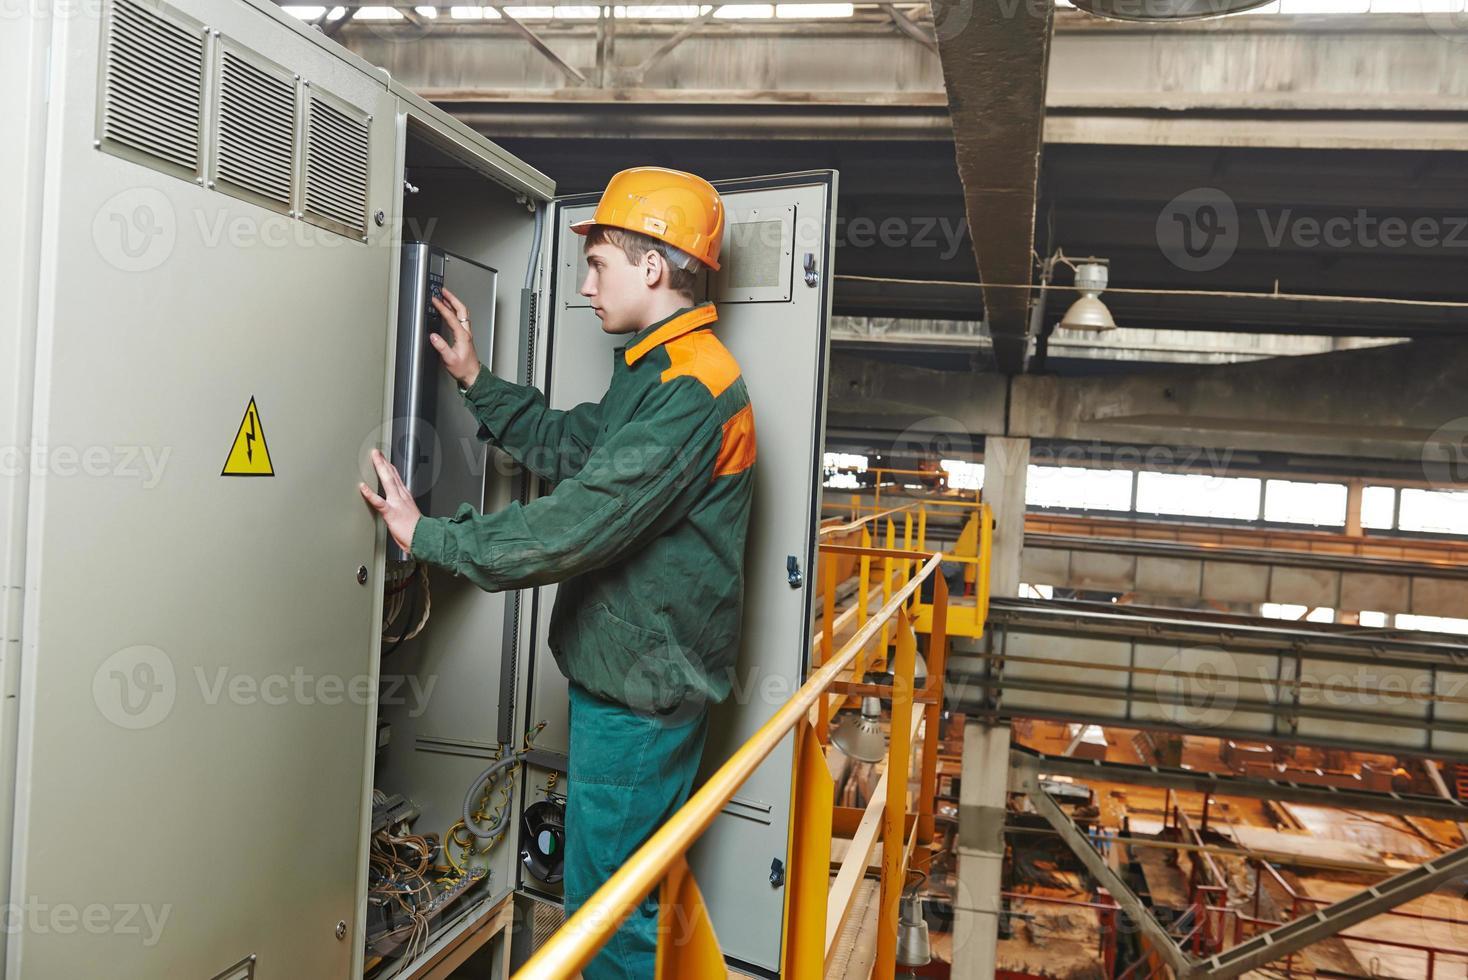 ingegnere elettricista foto